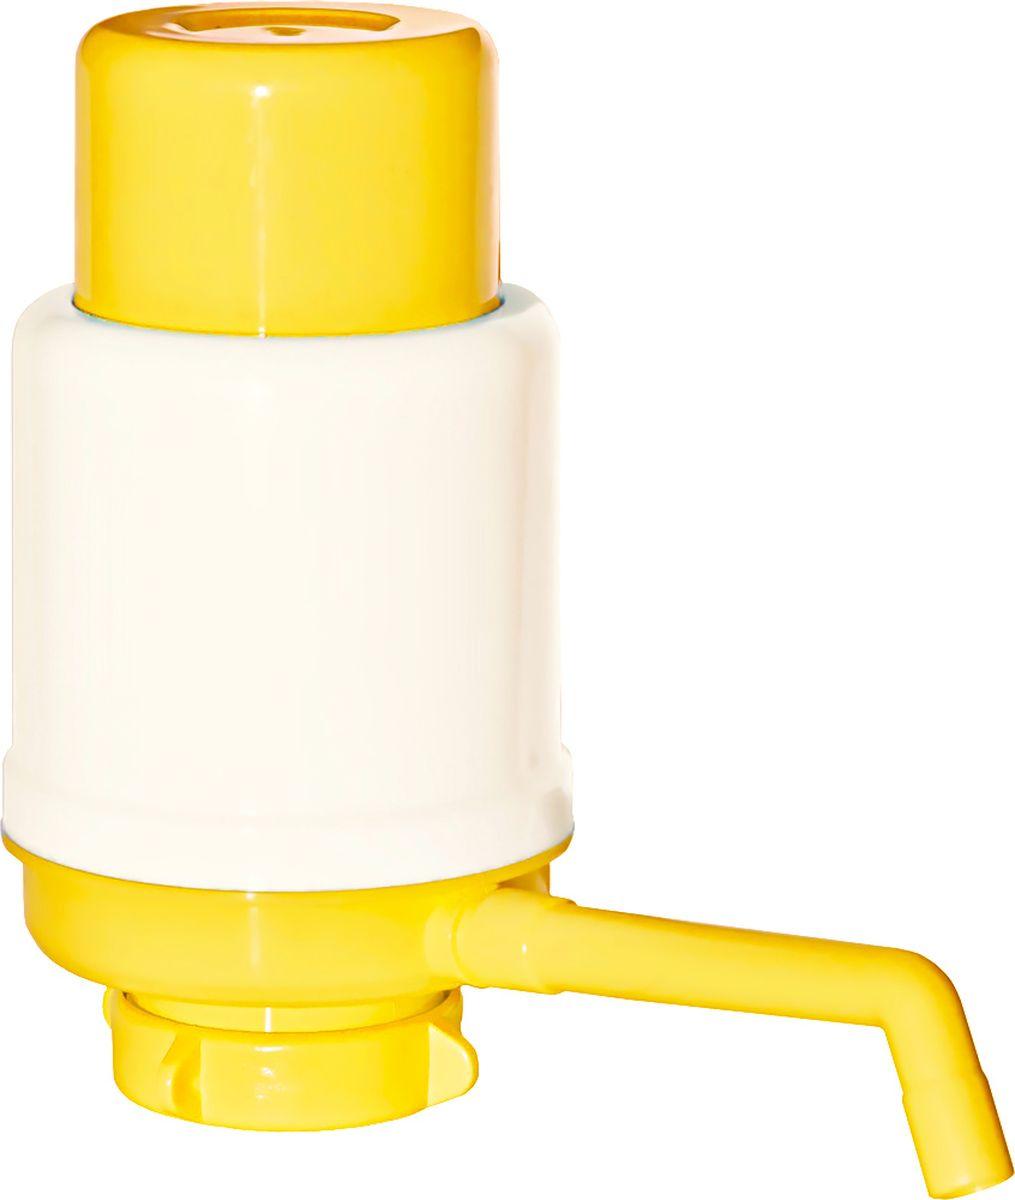 Aqua Work Дельфин Эко, Yellow помпа для воды20088Ручная помпа для воды Дельфин Эко проста и удобна в эксплуатации. Ее приобретают домой и в офисы, берут с собой в поездки на природу и на дачу.Детали тщательно подогнаны друг к другу, без лишних зазоров, благодаря этому при эксплуатации кнопка не шатается, не издает посторонних звуков.Изготовлена из прочного пищевого пластика.Используется с любыми стандартными бутылями из поликарбоната и ПЭТ емкостью 19 или 12 литровКрепится на горлышке при помощи надежного цангового зажимаОткачивает воду с самого дна бутыли при помощи составной трубки длиной более 48 смЛегко разбирается для профилактической промывки